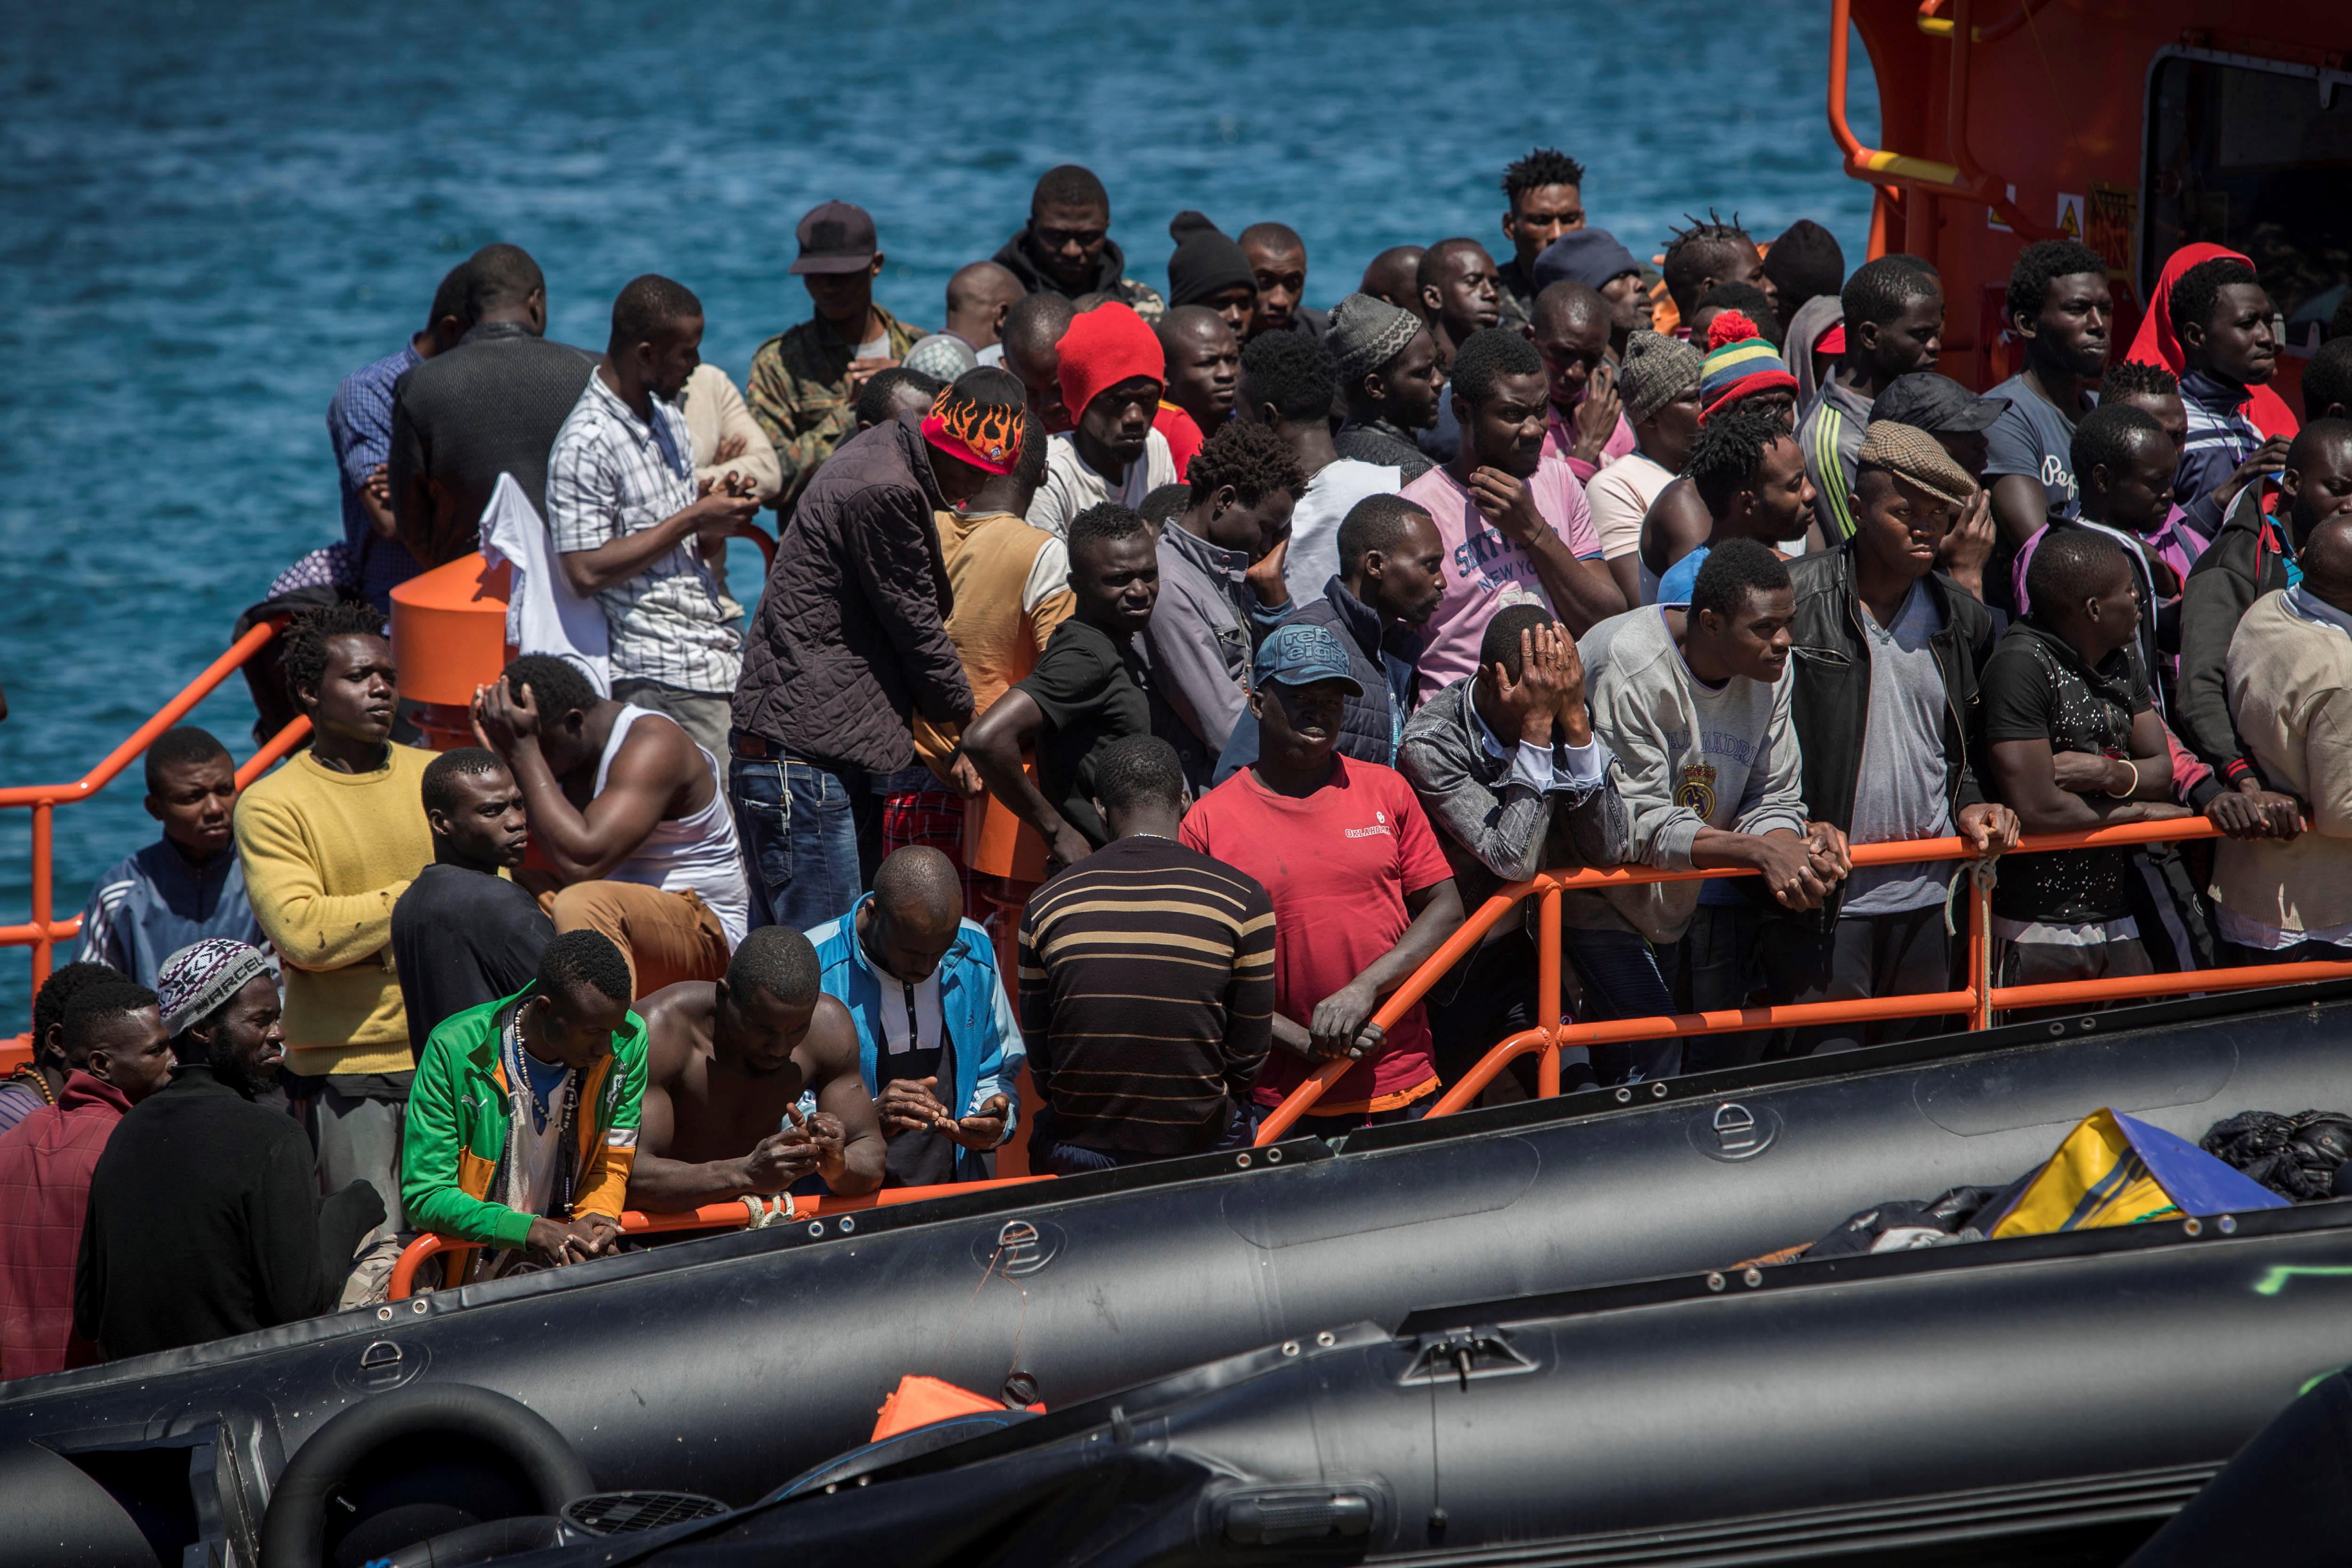 TUNIS Brod s migrantima nakon više od dva tjedna na moru napokon uplovio u luku